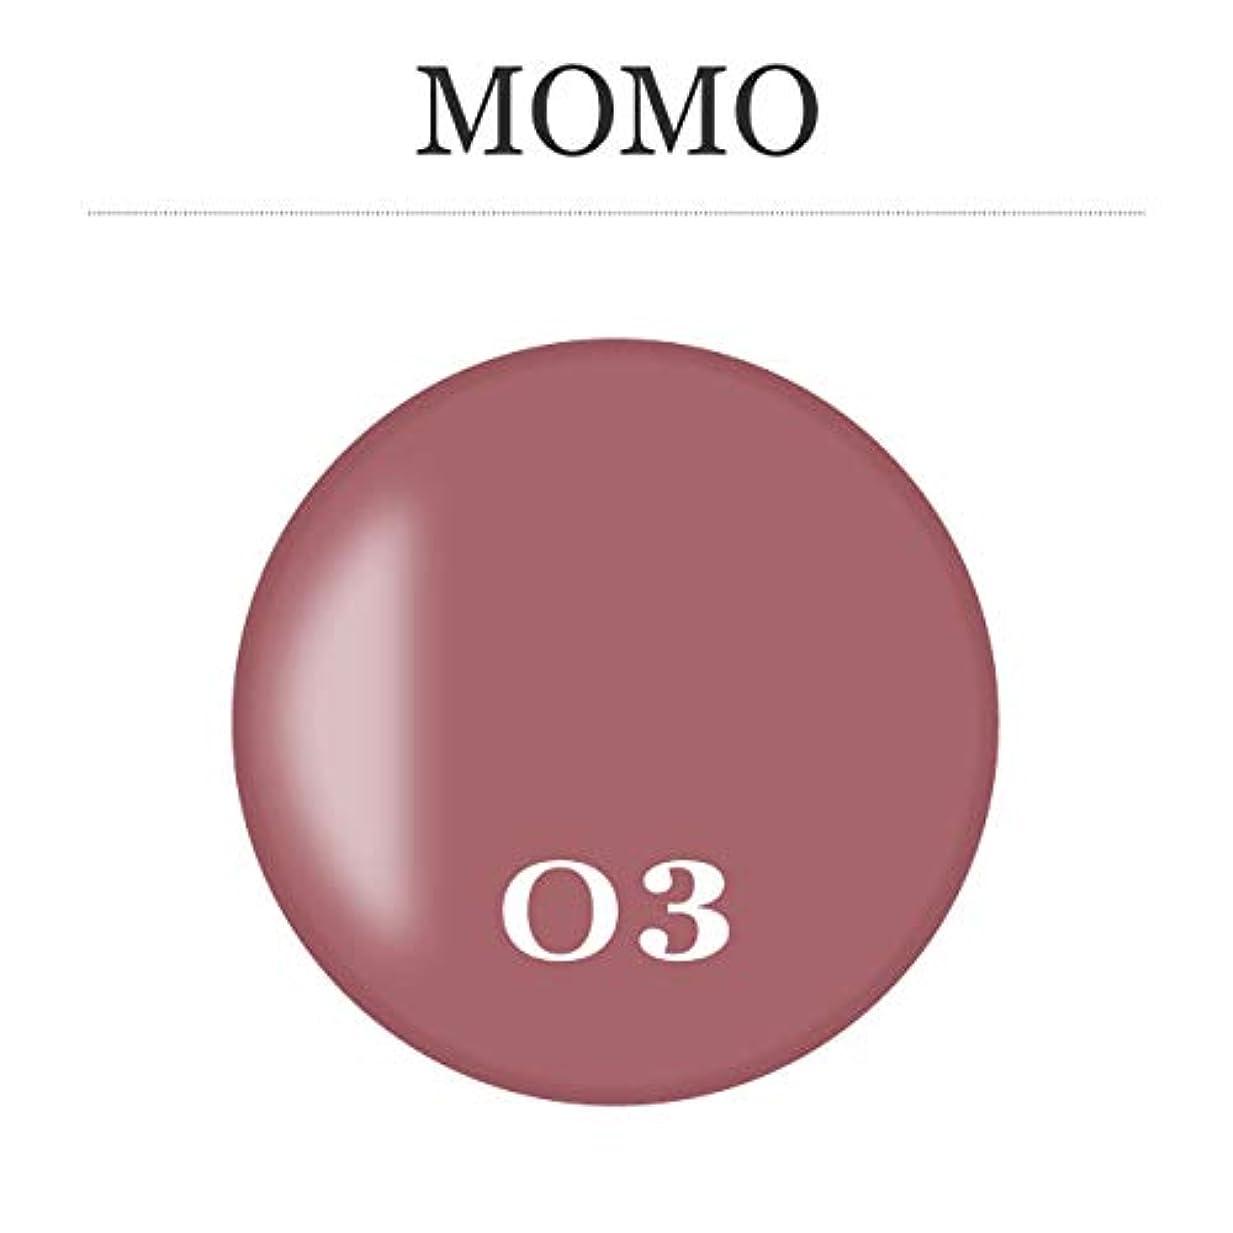 非常に珍しい深くカラージェル MOMO-03 by nail for all